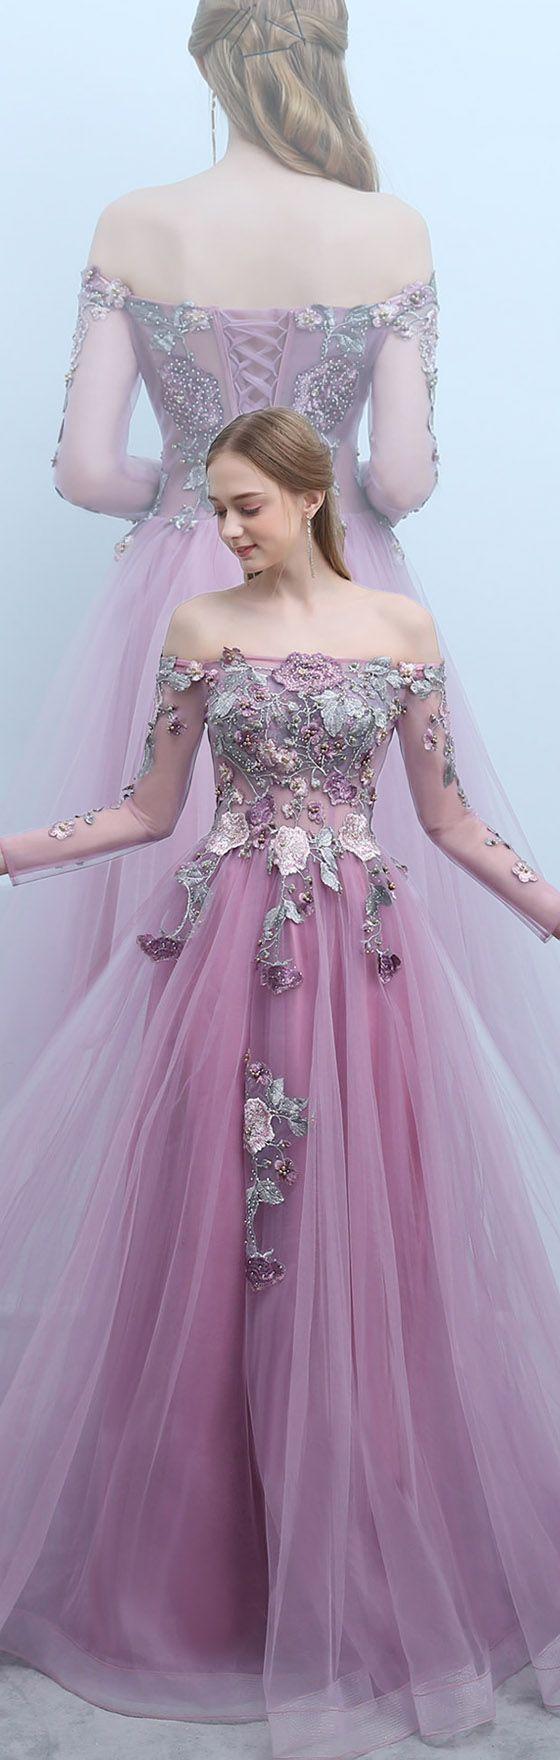 Perfecto Vestido De Novia Mori Lee Ideas - Vestido de Novia Para Las ...